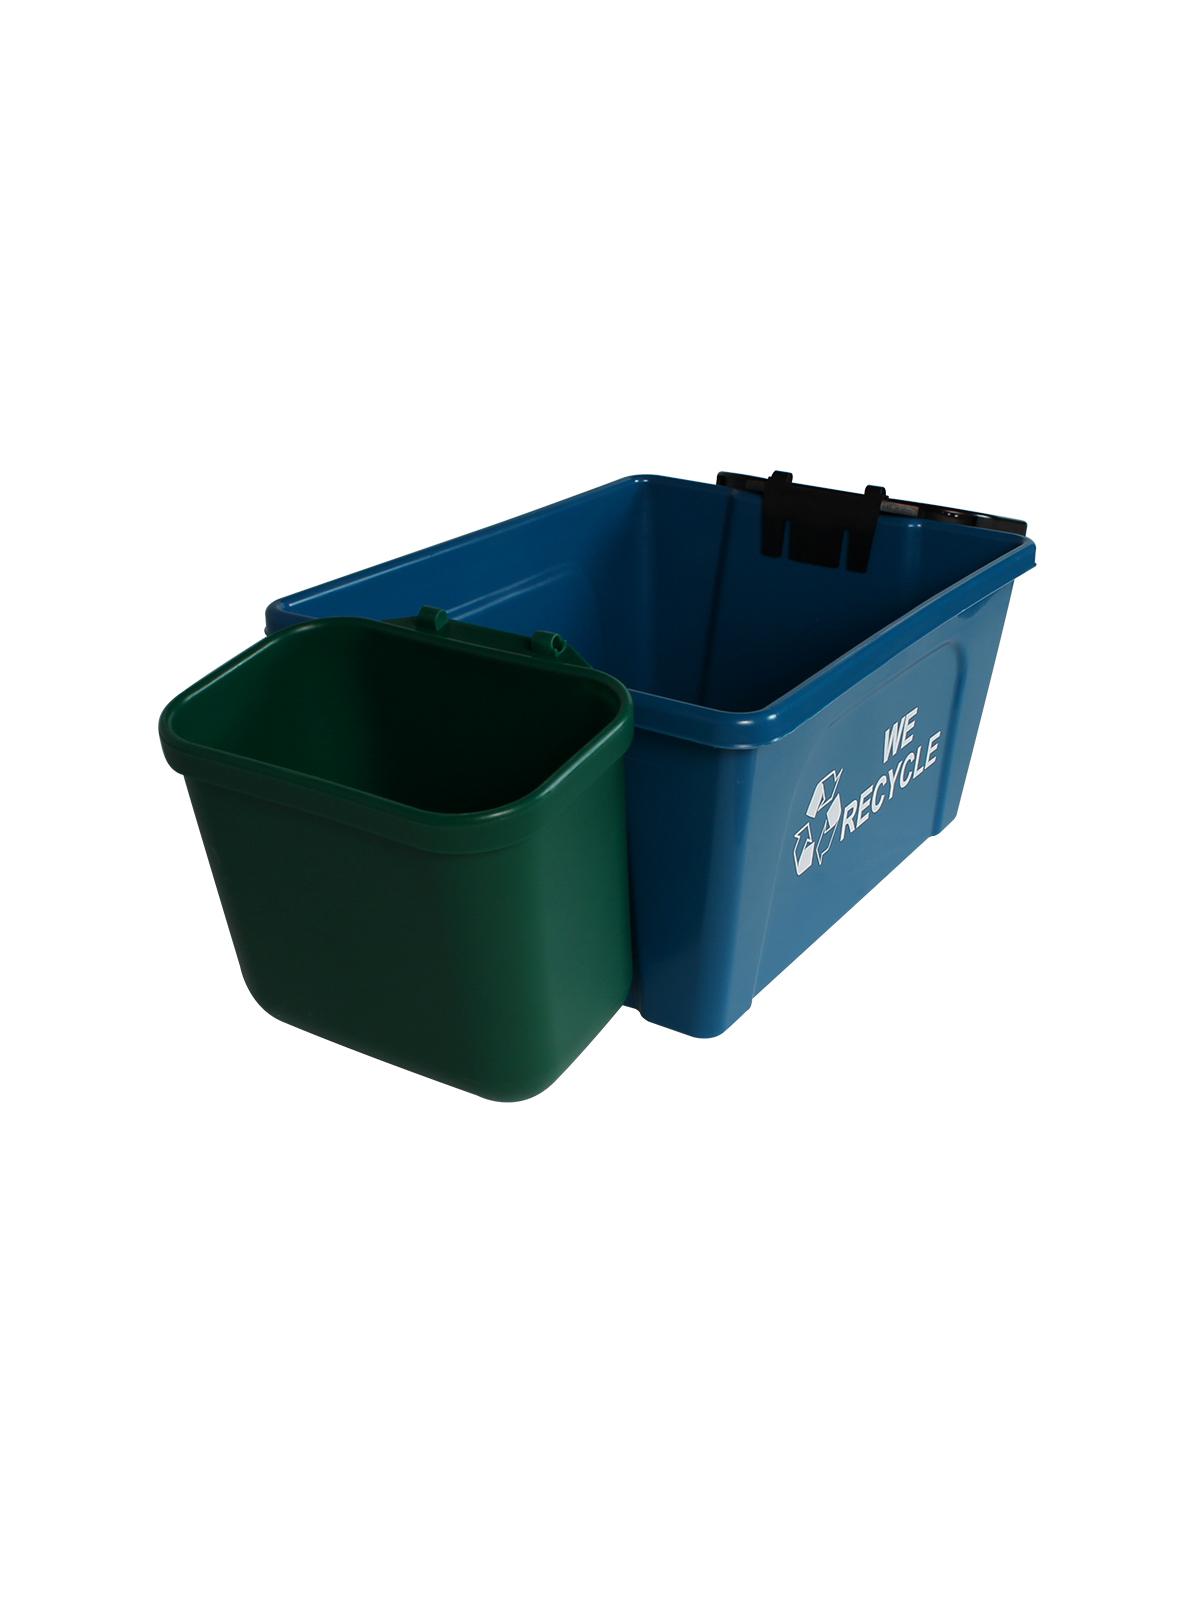 Deskside Recycler Series